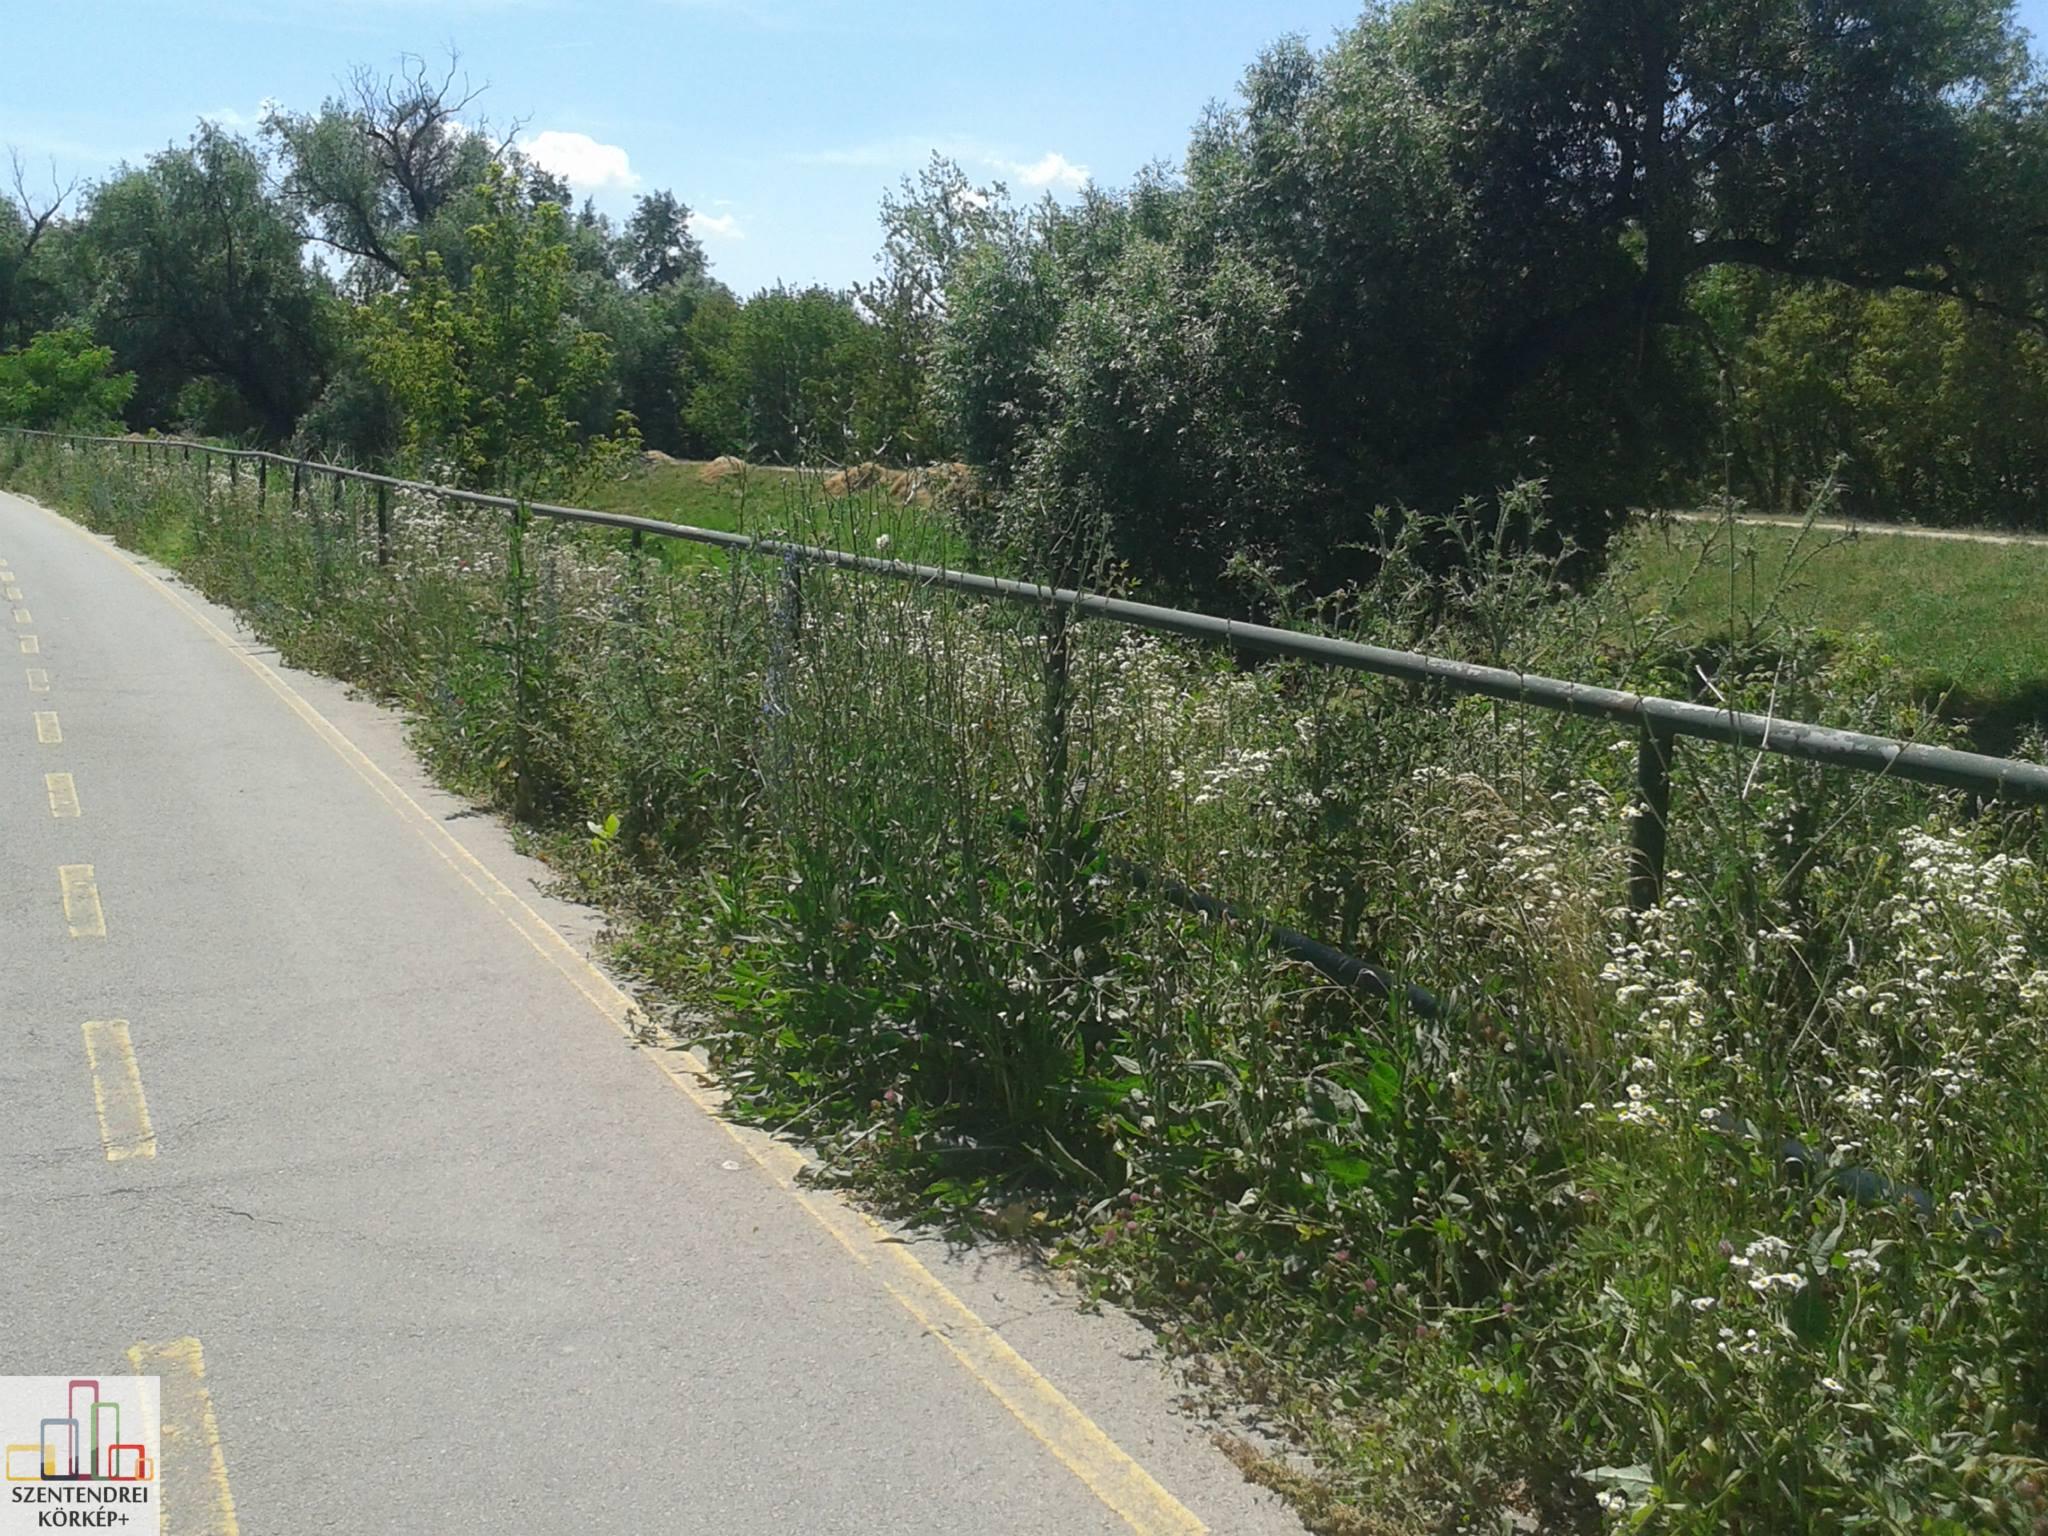 Így néz ki az Eurovelo 6 kerékpárút Postás strand és Városkapu közötti szakasza